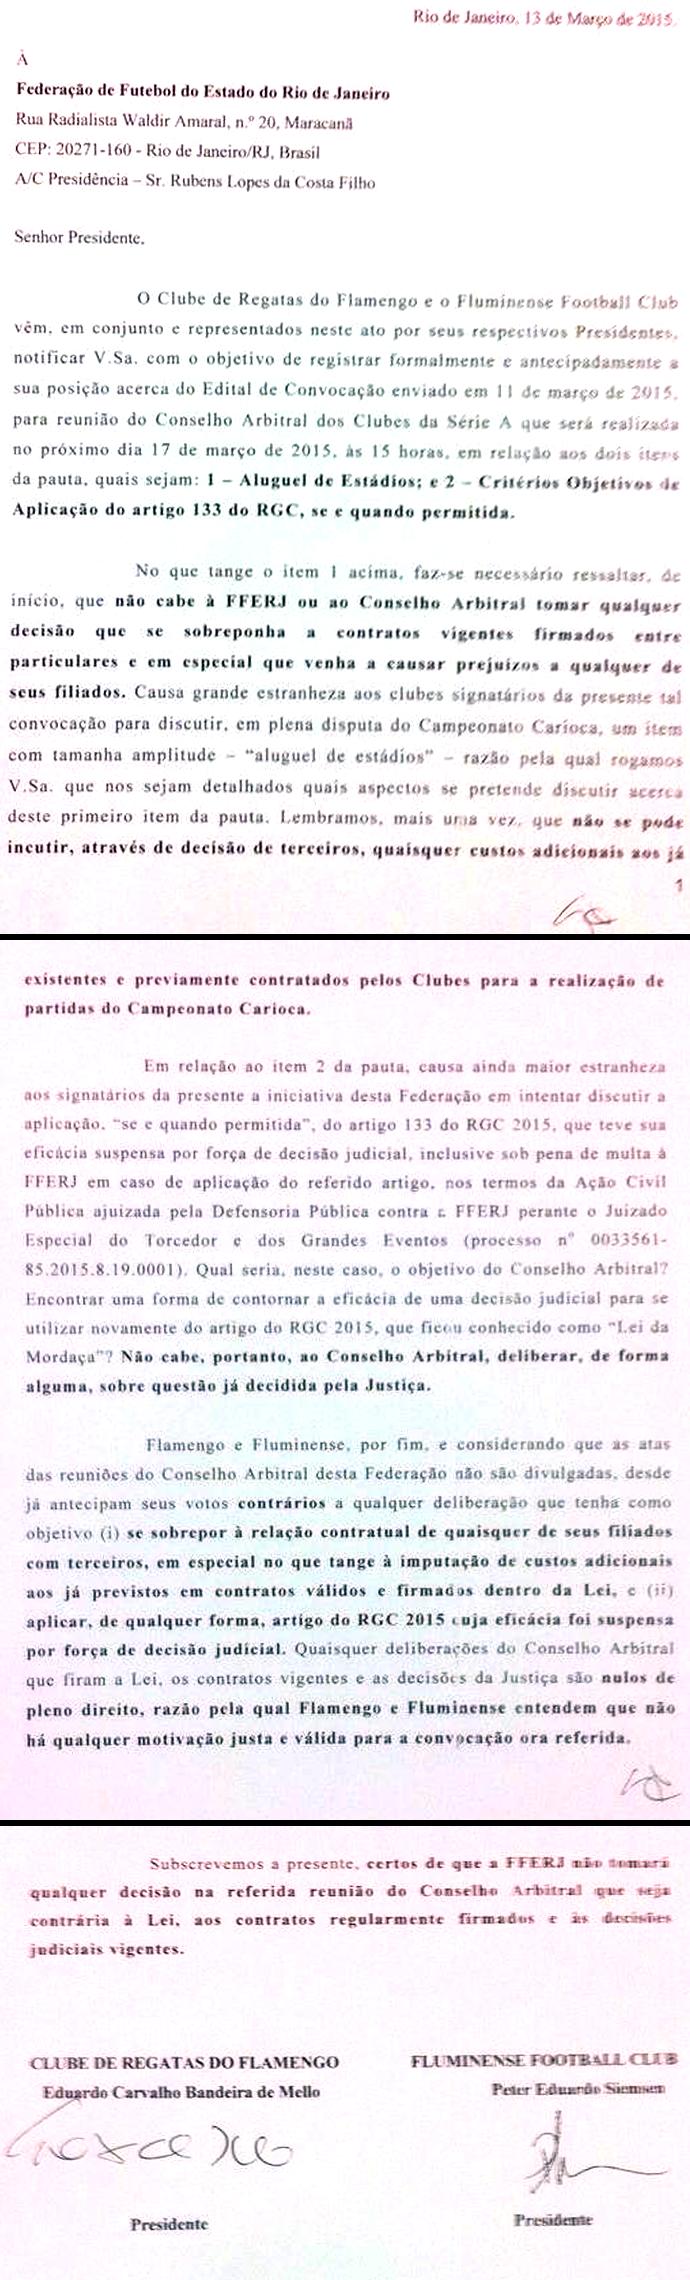 Documento Flamengo e Fluminense (Foto: Reprodução)